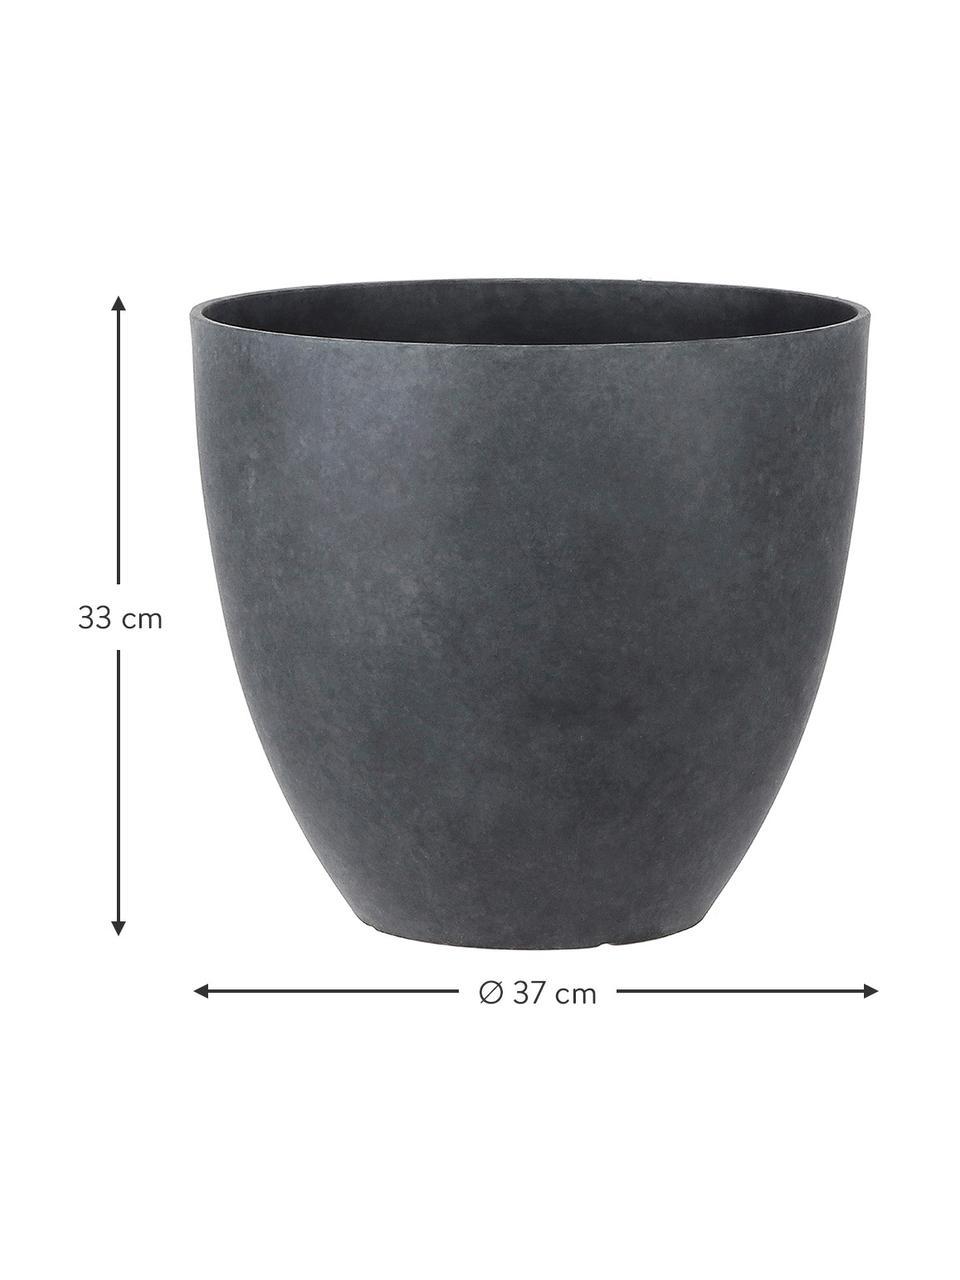 Doniczka XL Bravo, Tworzywo sztuczne, Antracytowy, Ø 37 x W 33 cm